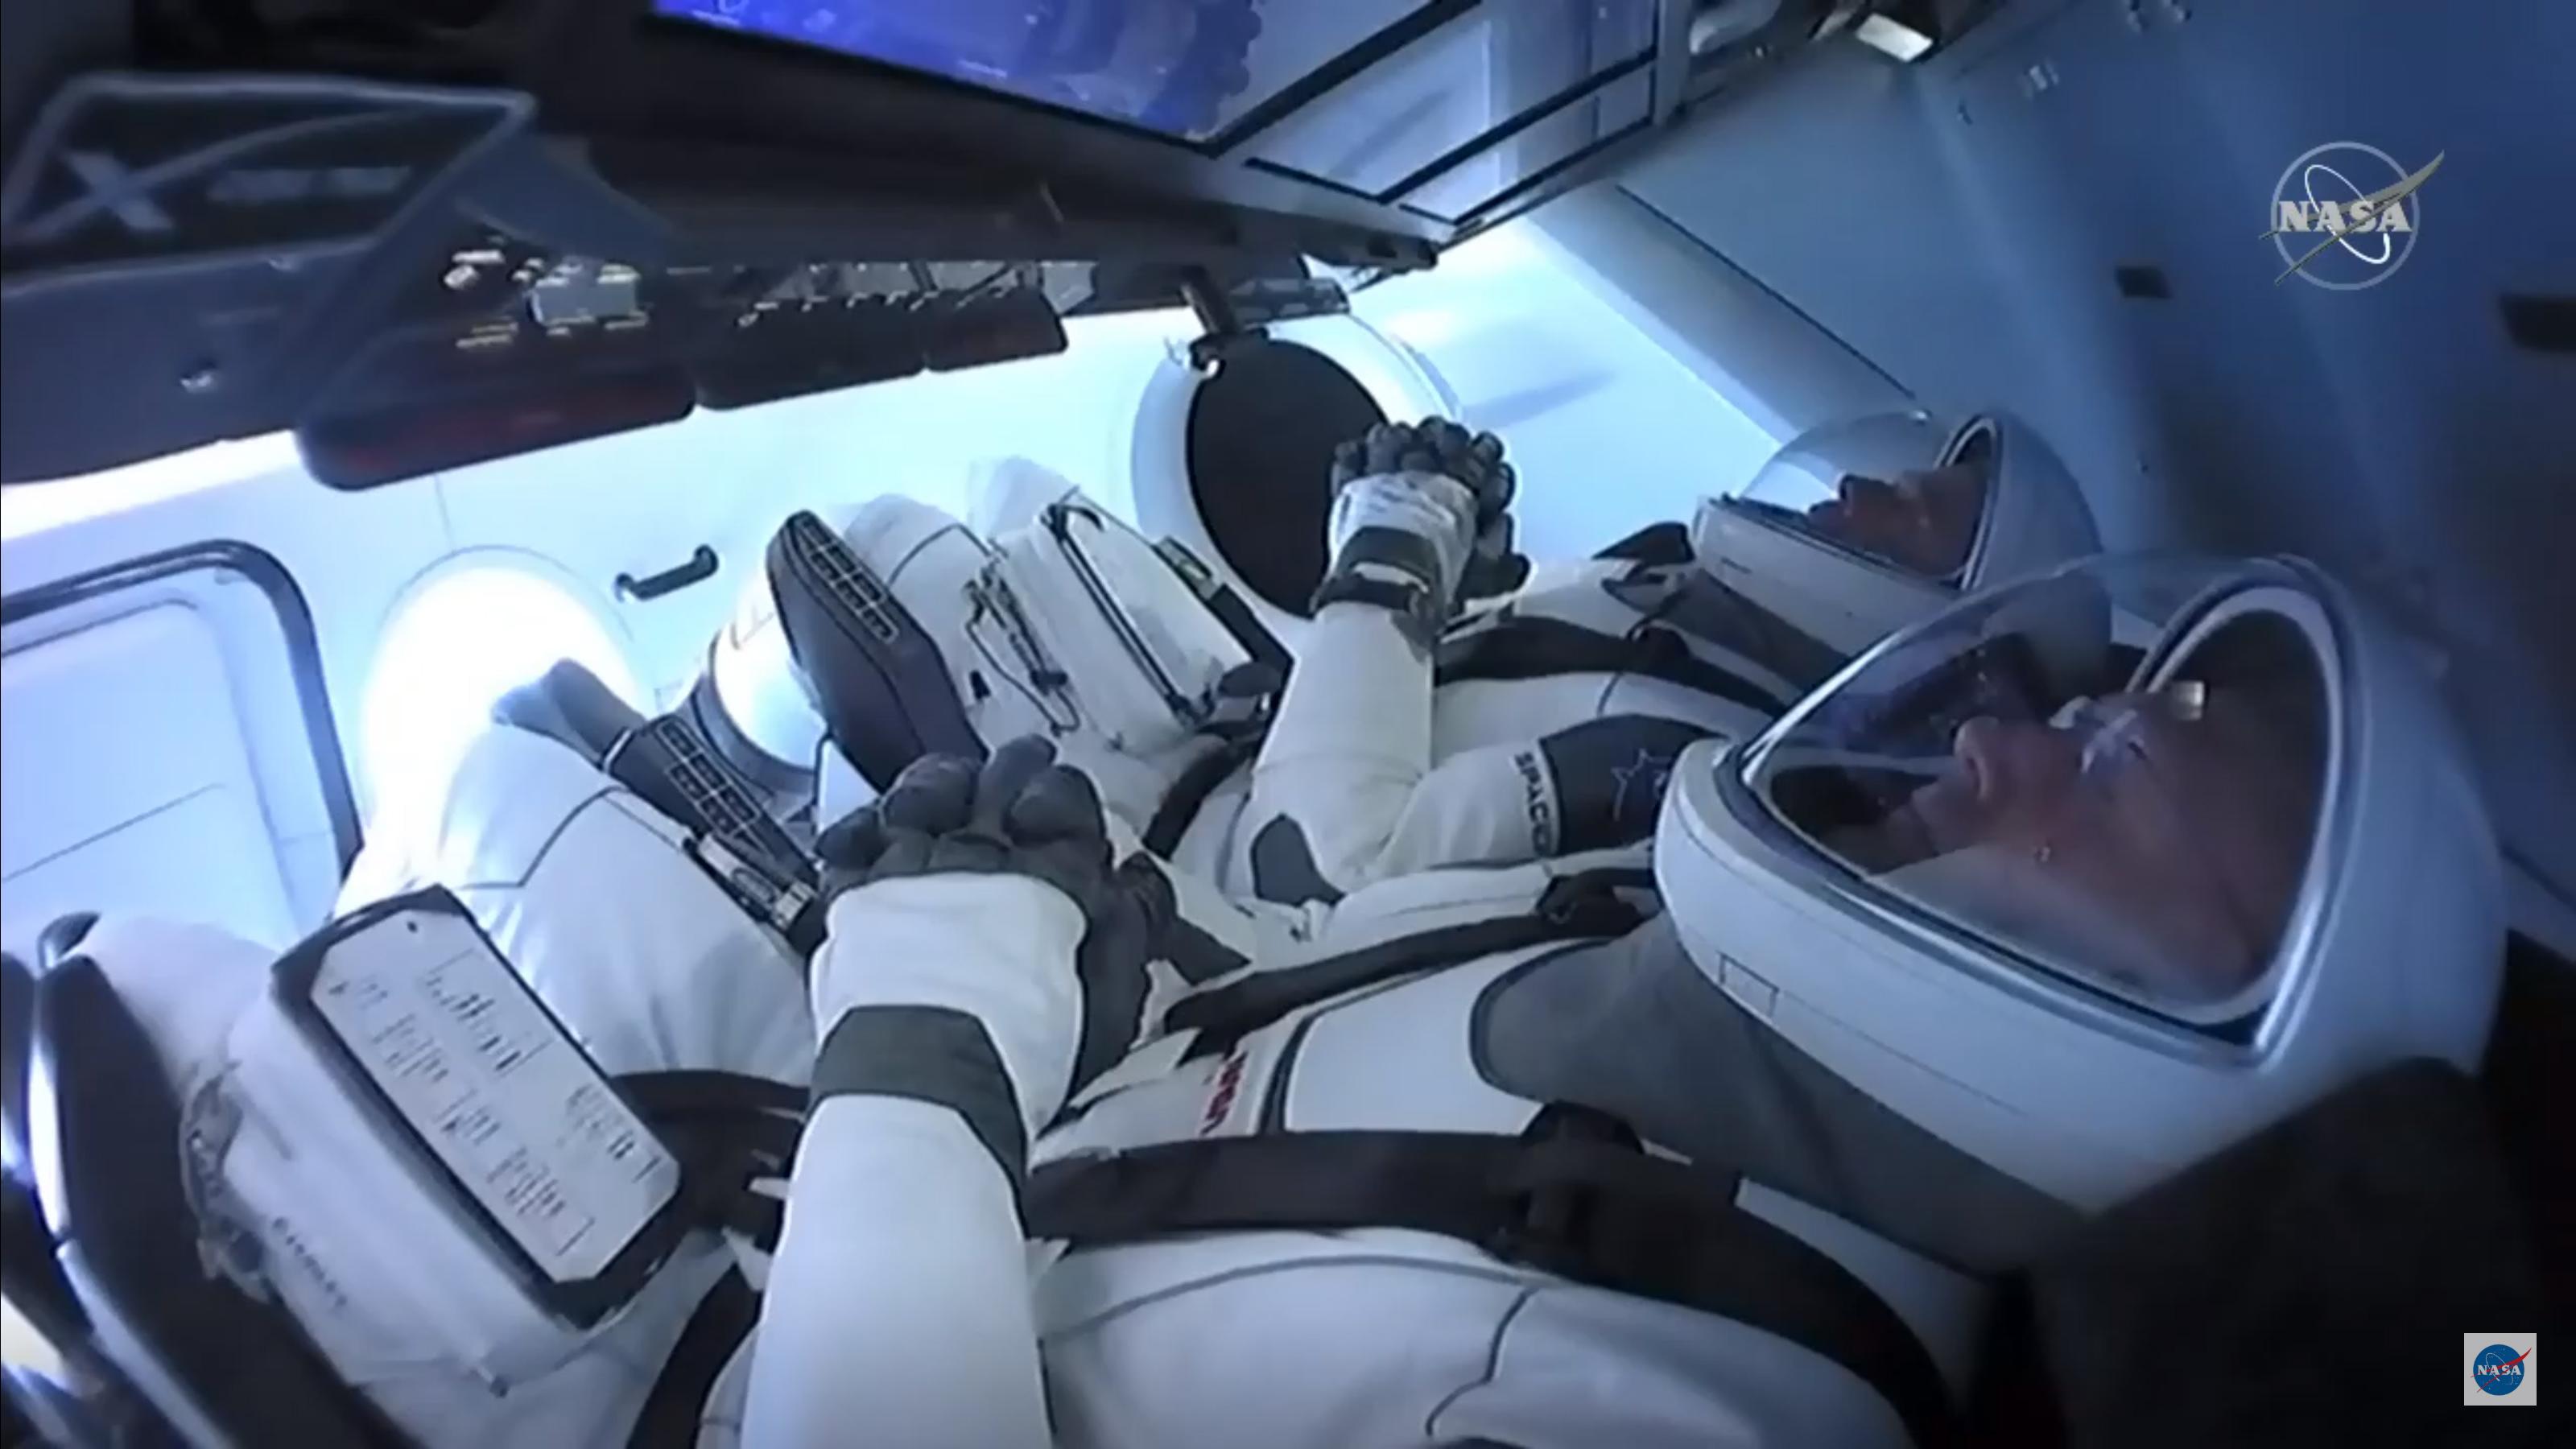 En esta imagen fija tomada por la NASA TV, los astronautas de la NASA Bob Behnken (atrás) y Doug Hurley están atados en la cápsula SpaceX Crew Dragon en el Centro Espacial Kennedy, listos para despegar